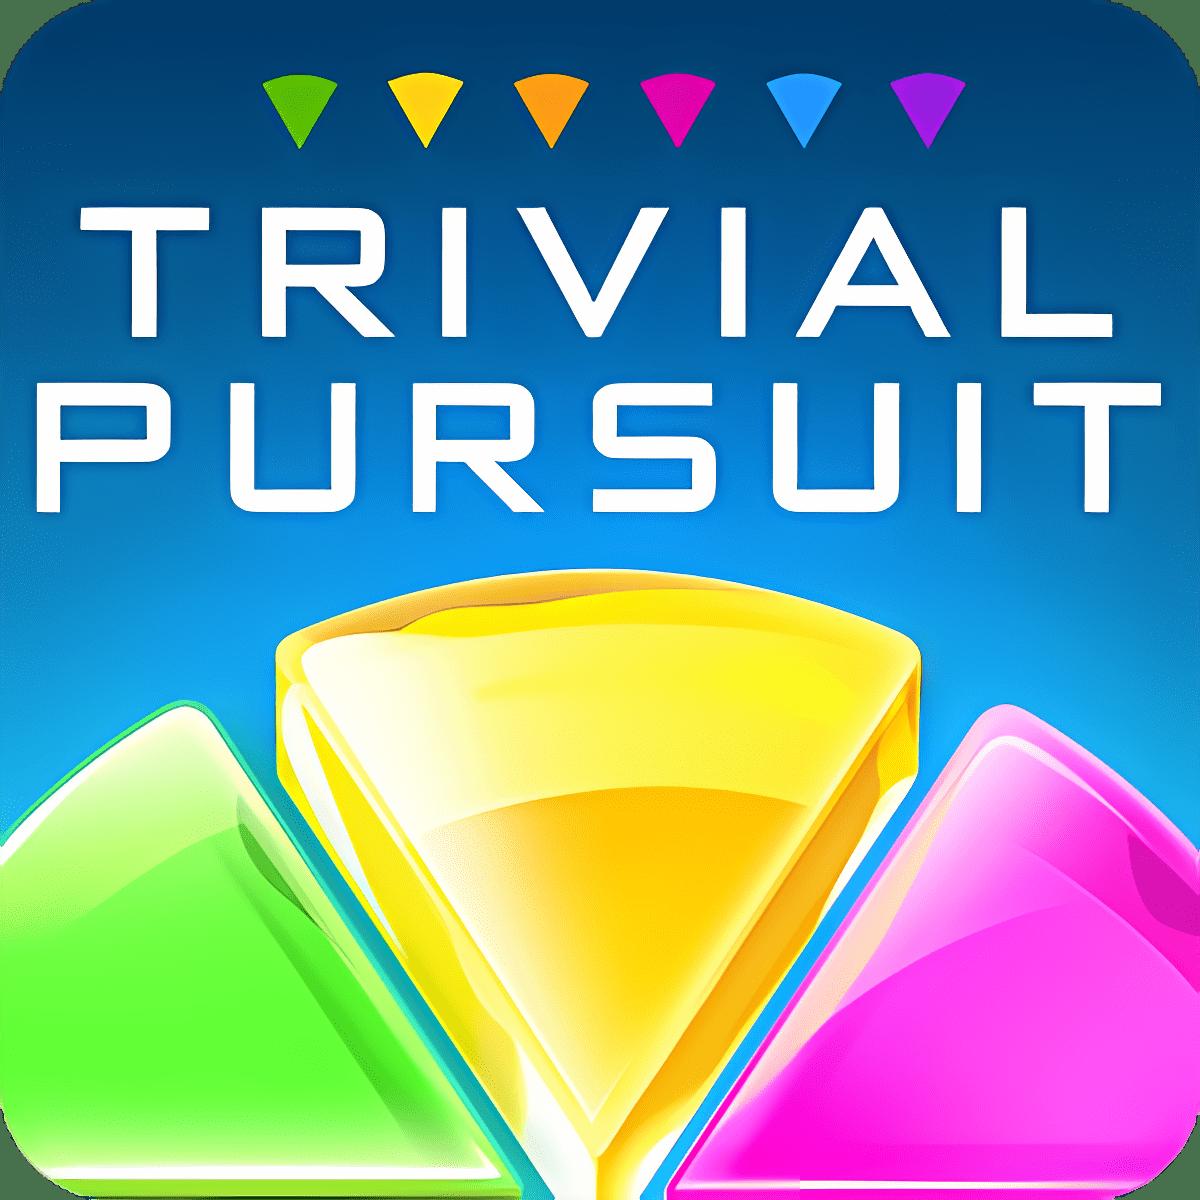 TRIVIAL PURSUIT & Friends 1.0.4